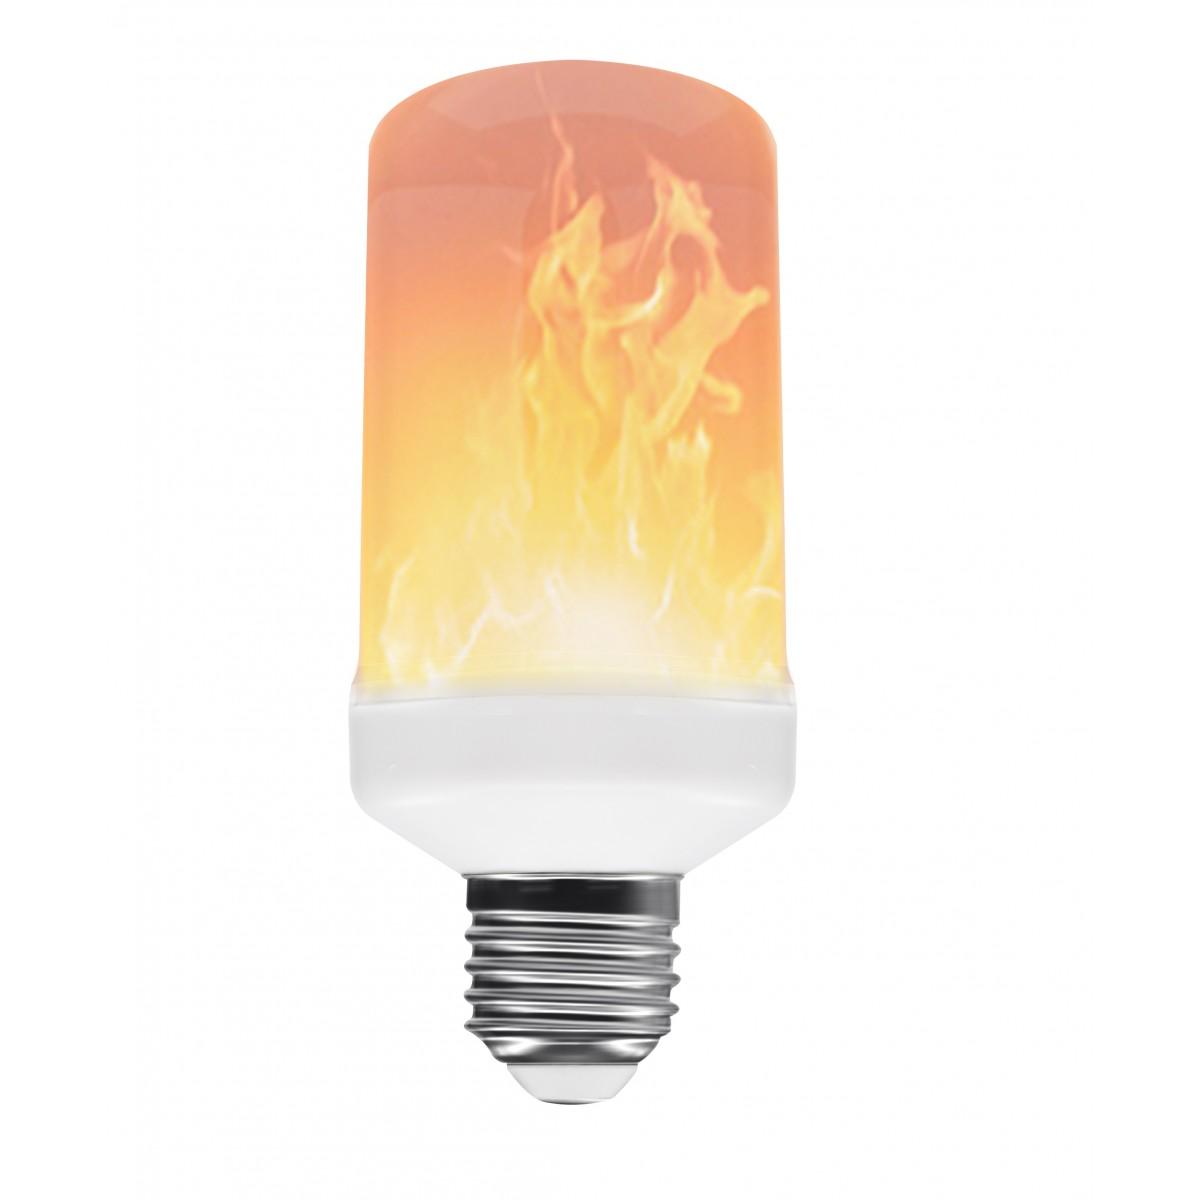 CONZEPT Flammepære E27 4-6 watt